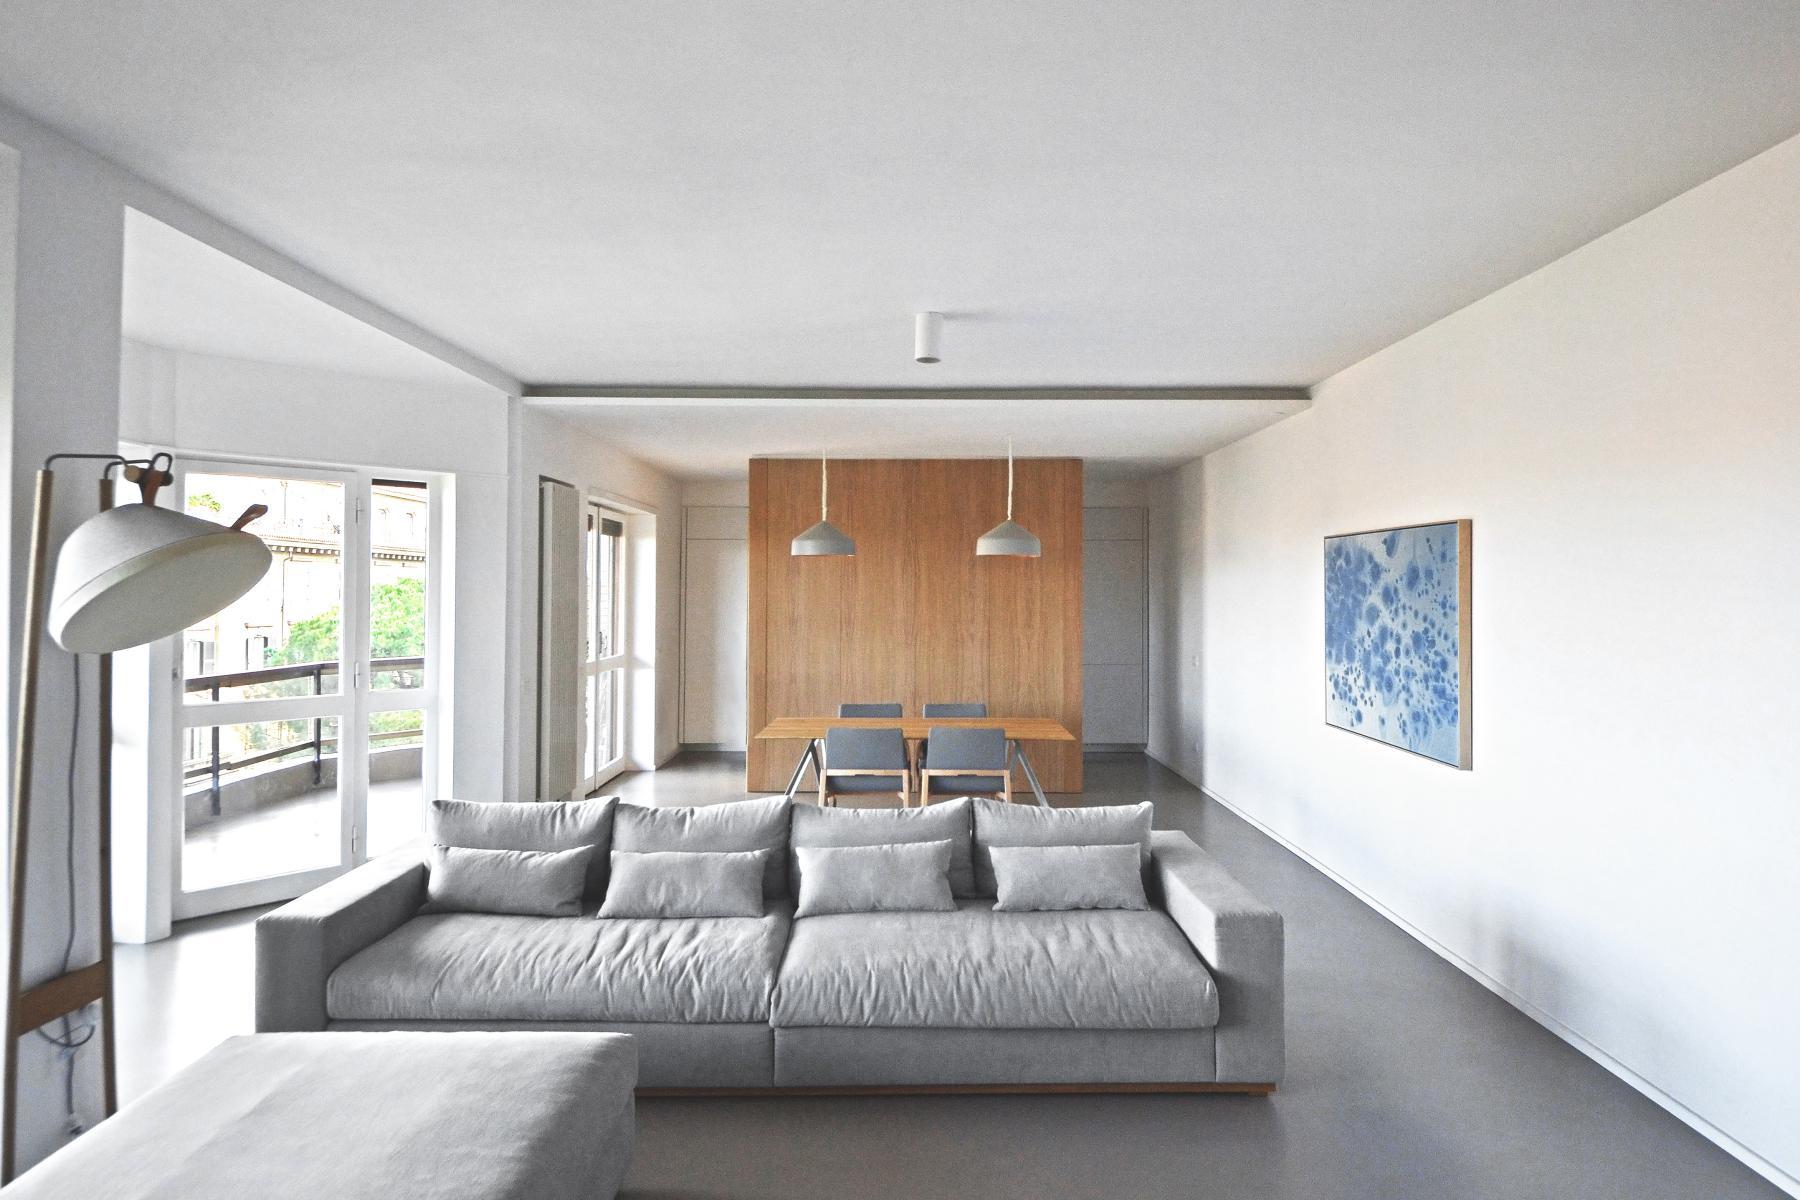 Interior designer per ambienti di pregio dal design unico ed esclusivo. Lad Laboratorio Di Architettura E Design Home